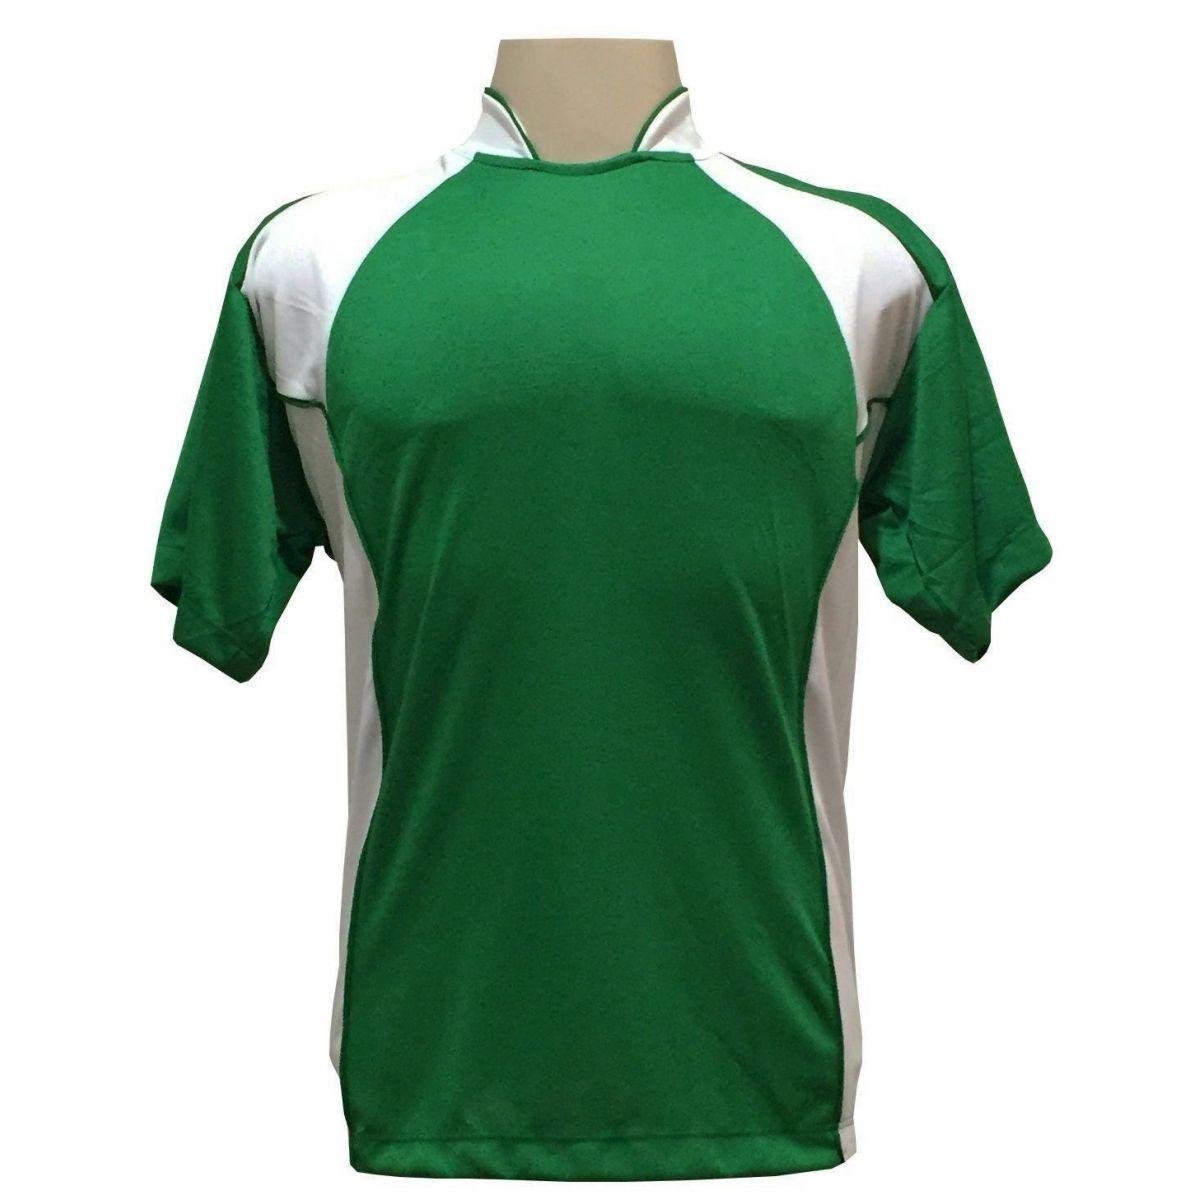 Jogo de Camisa com 14 unidades modelo Suécia Verde/Branco  - ESTAÇÃO DO ESPORTE